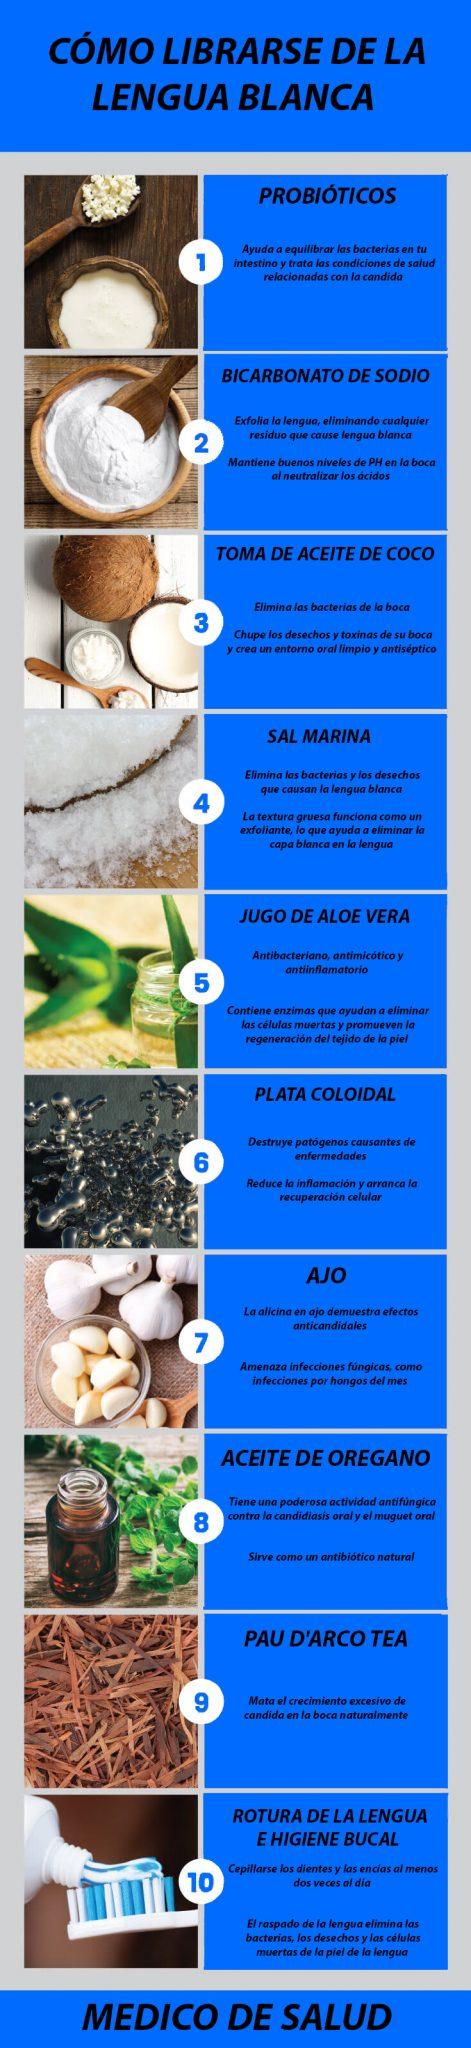 Lengua Blanca 10 tratamientos naturales para la lengua blanca 10 tratamientos naturales para la lengua blanca Lengua Blanca